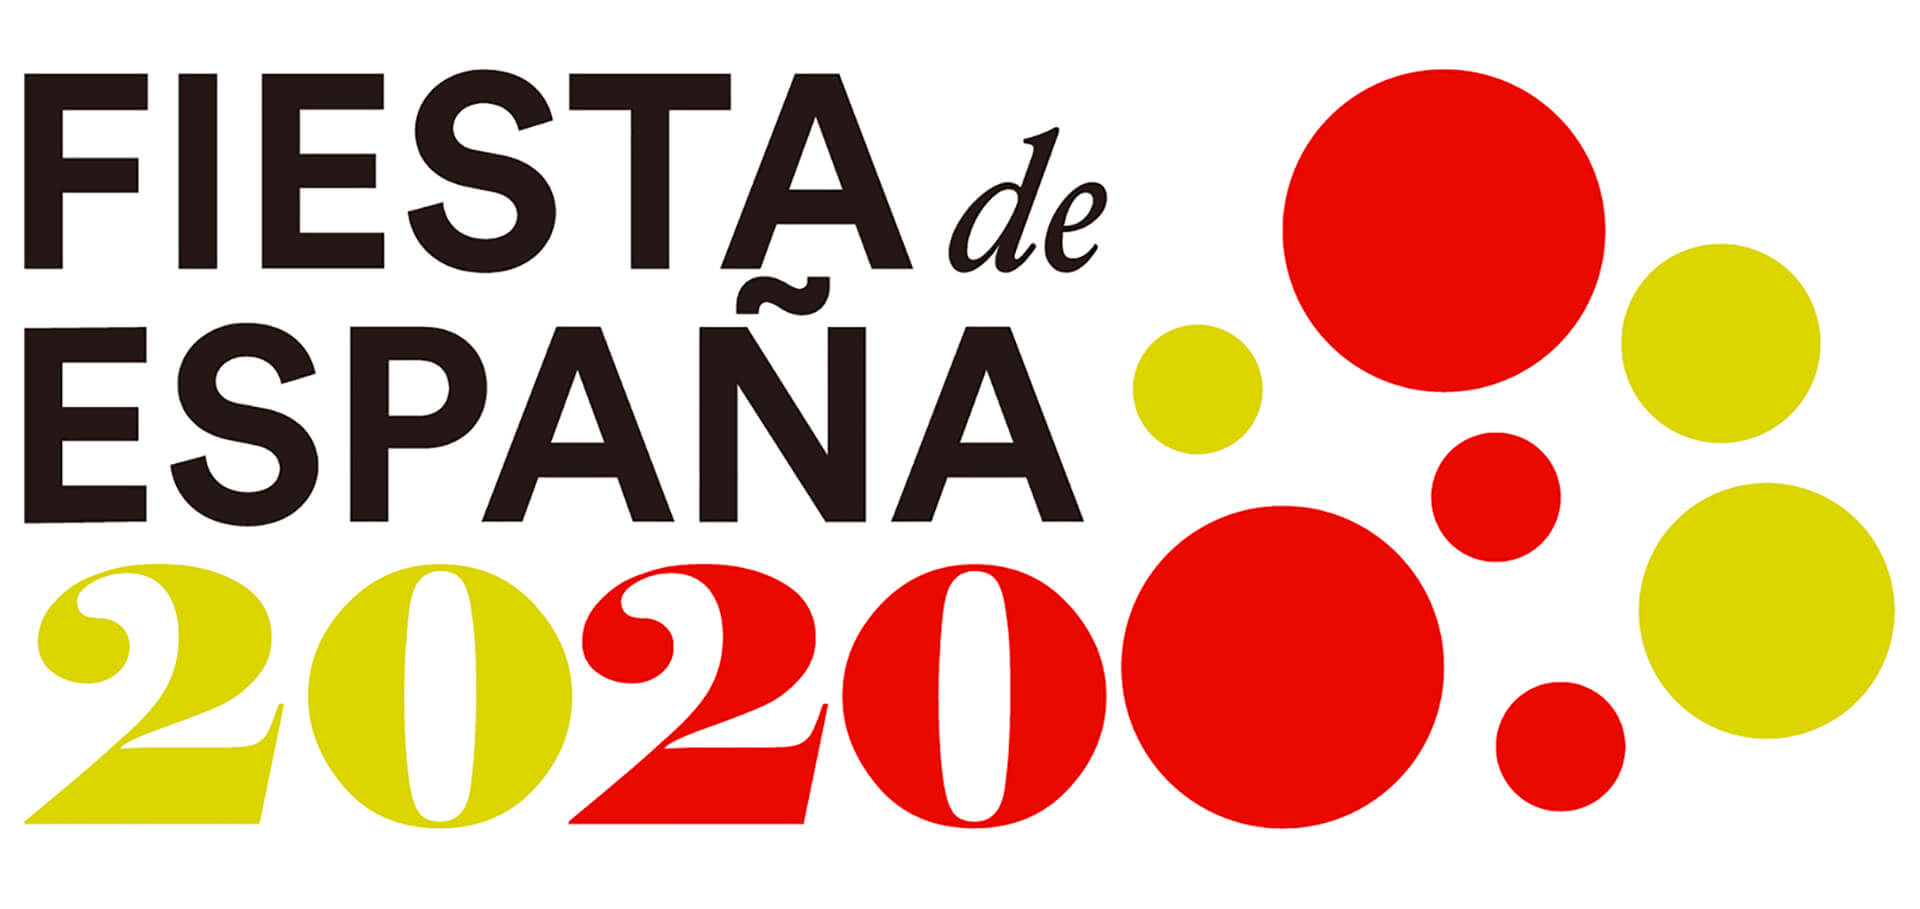 スペインフェスティバル『フィエスタ・デ・エスパーニャ2020』